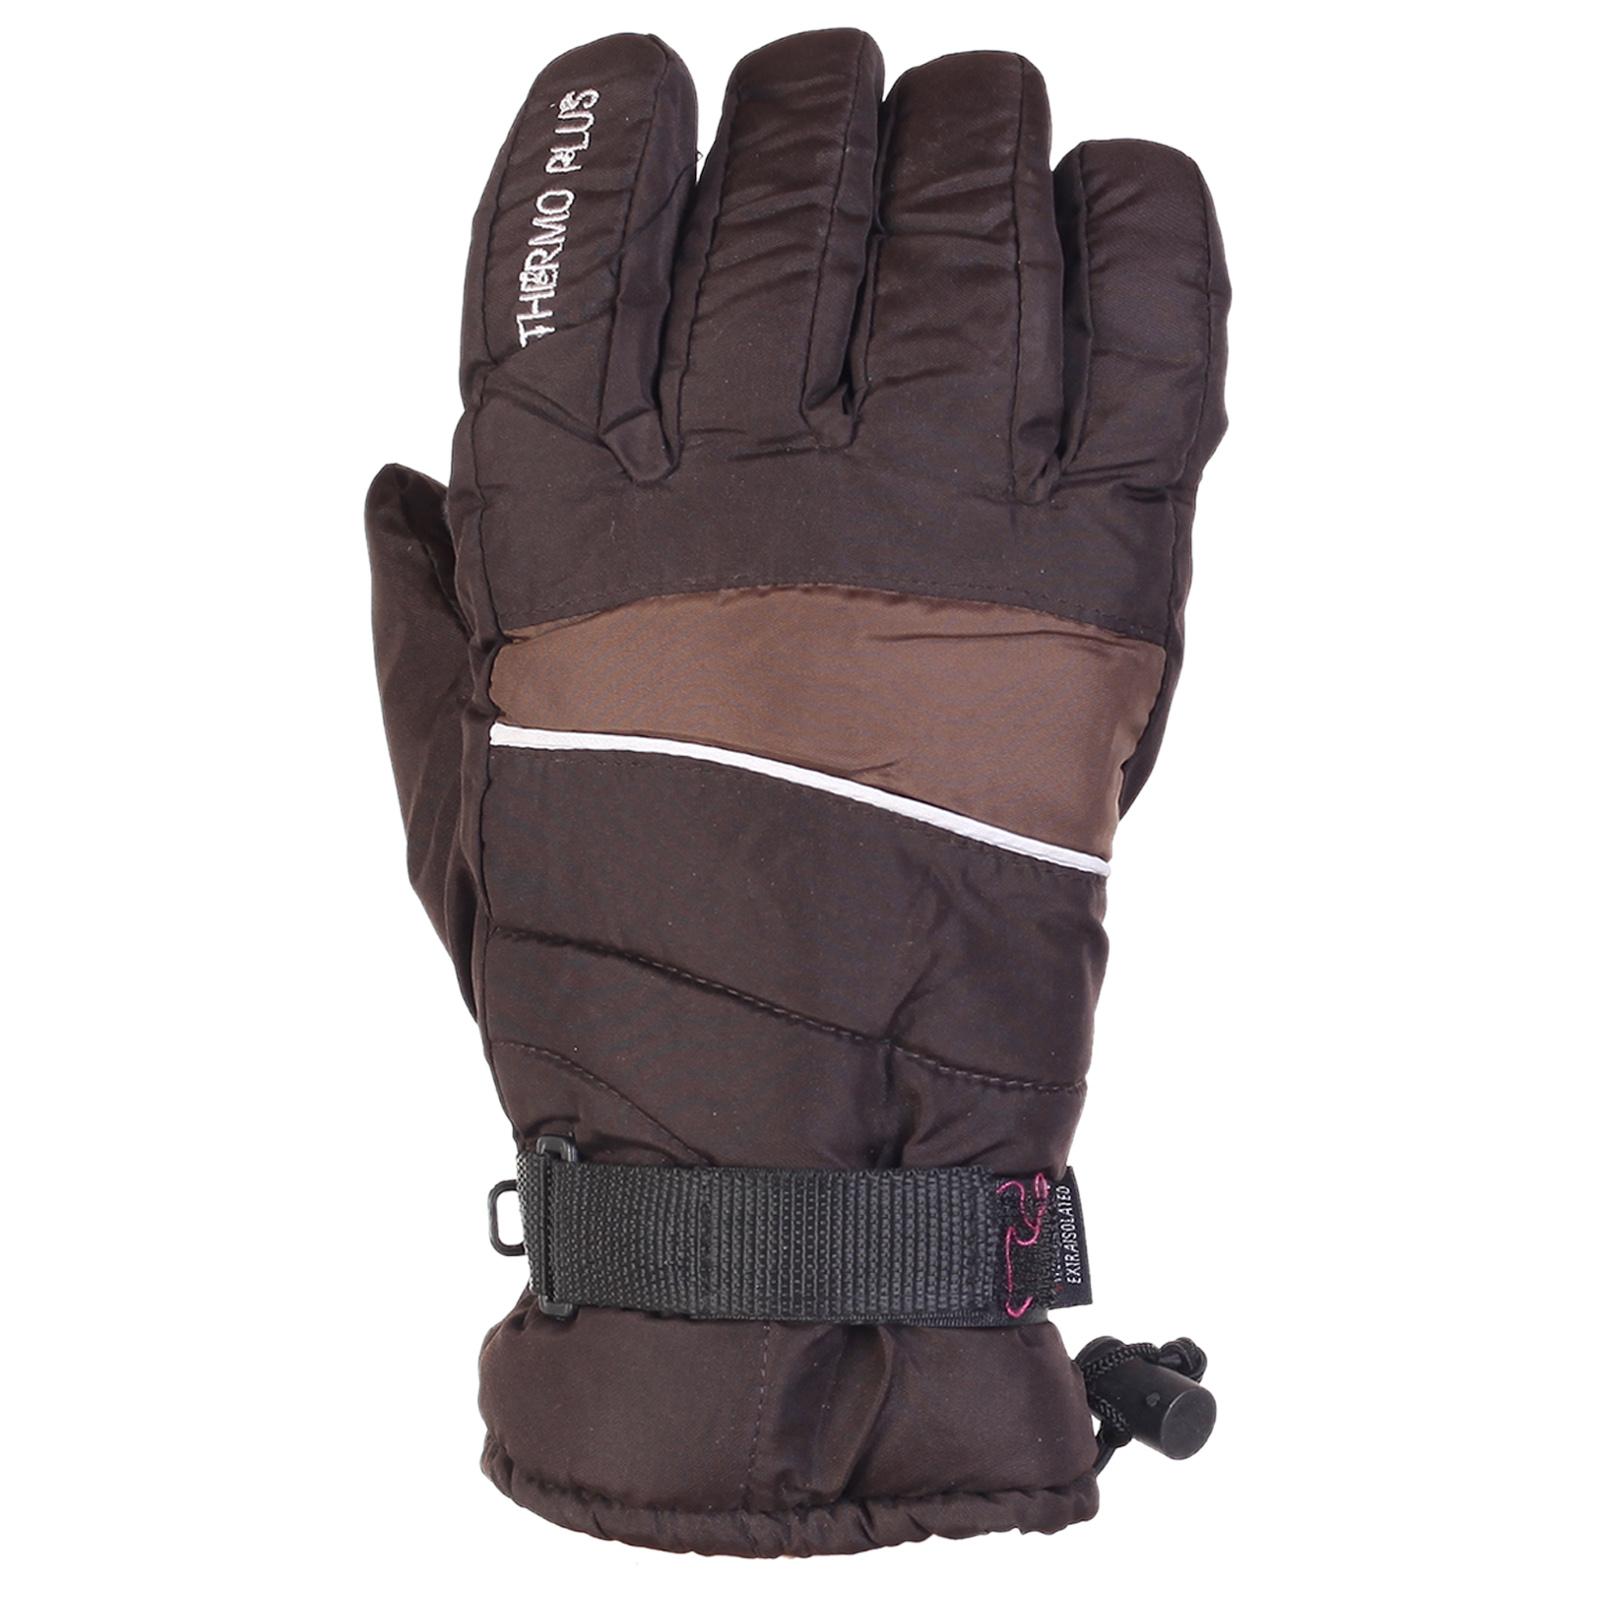 Недорогие мужские и женские перчатки – продажа по всей России